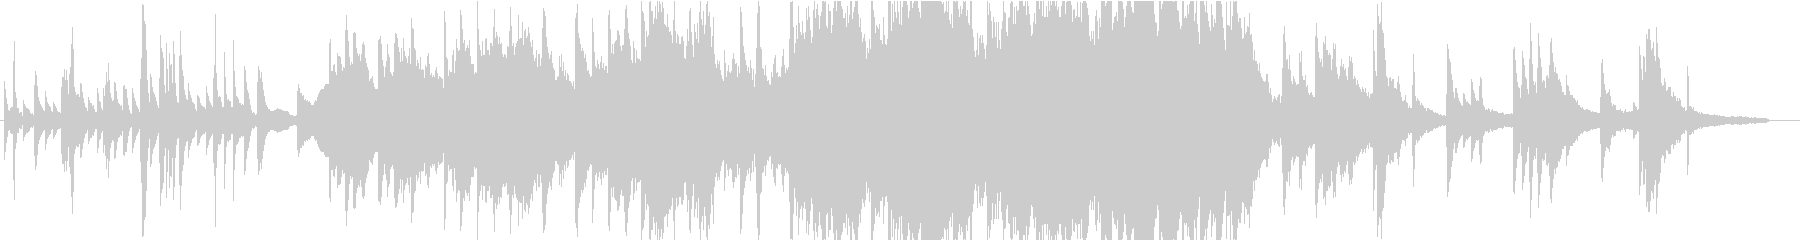 ピアノ・オーケストラによる感動的な曲の未再生の波形